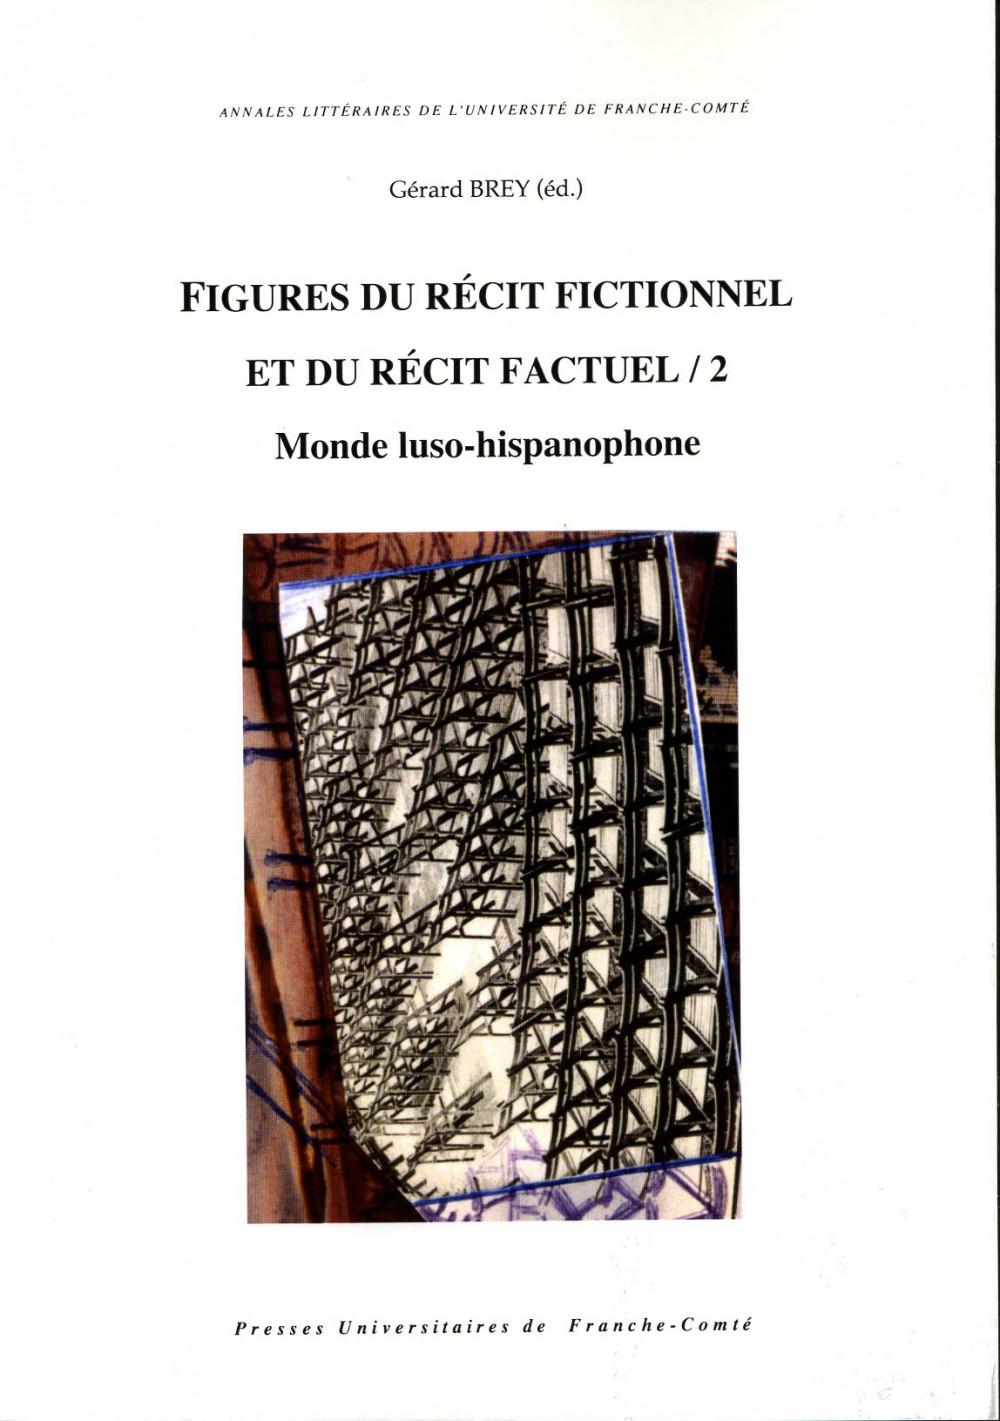 Figures du récit fictionnel et du récit factuel /2